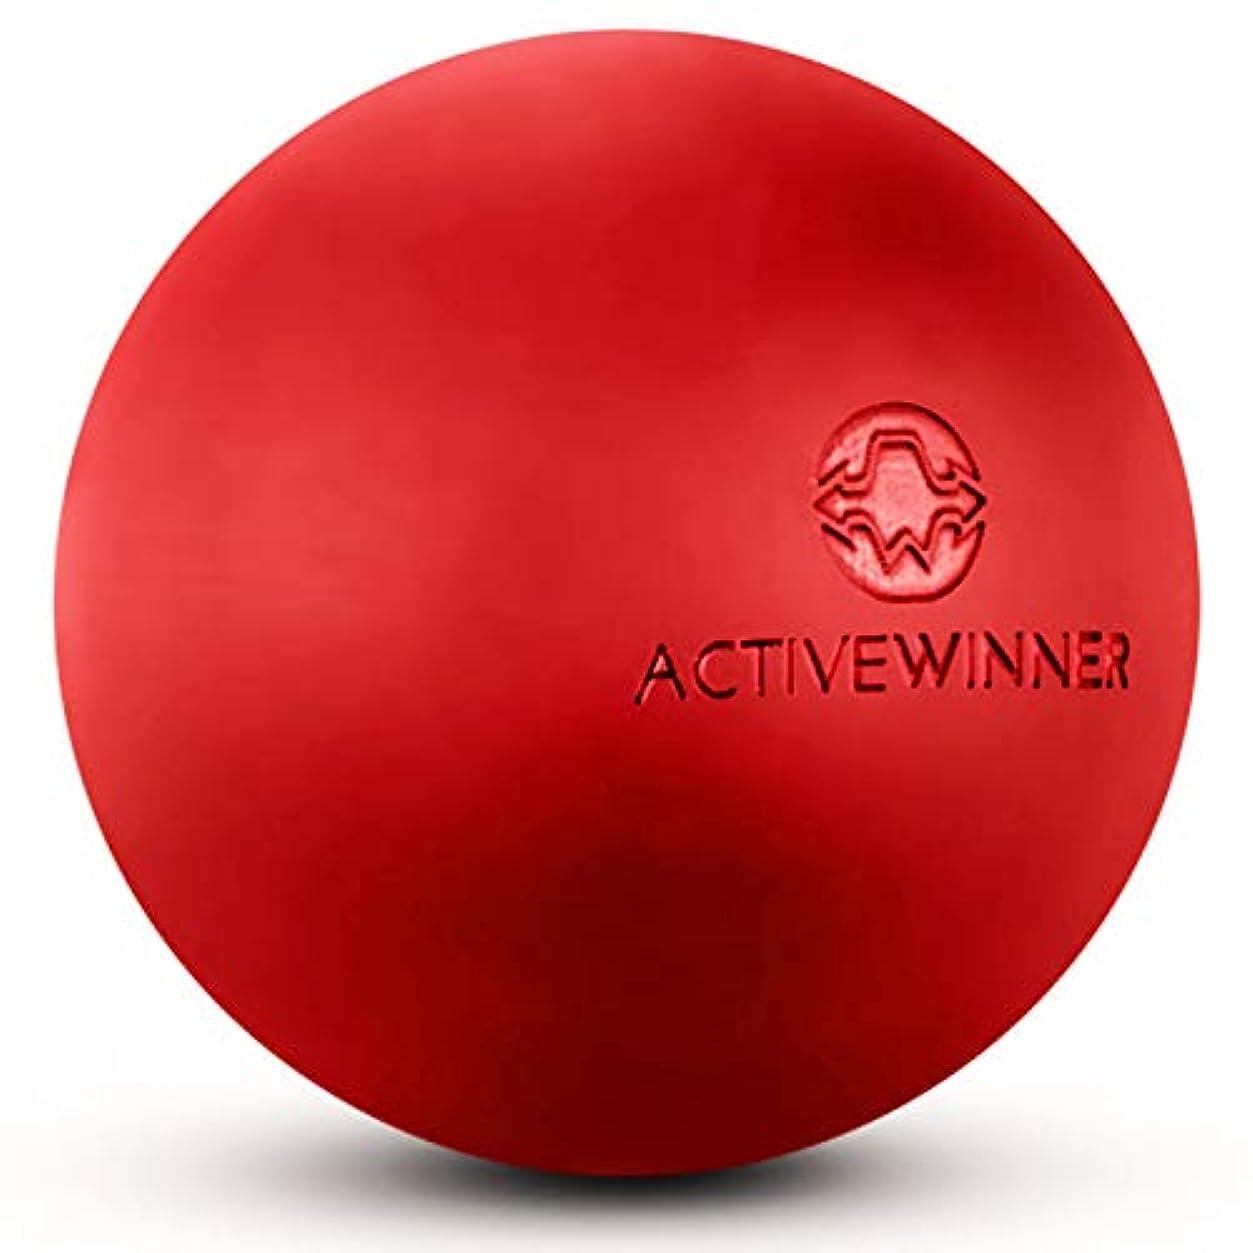 神話期限同じActive Winner マッサージボール トリガーポイント (レッド) ストレッチボール 筋膜リリース トレーニング 背中 肩こり 腰 ふくらはぎ 足 ツボ押し